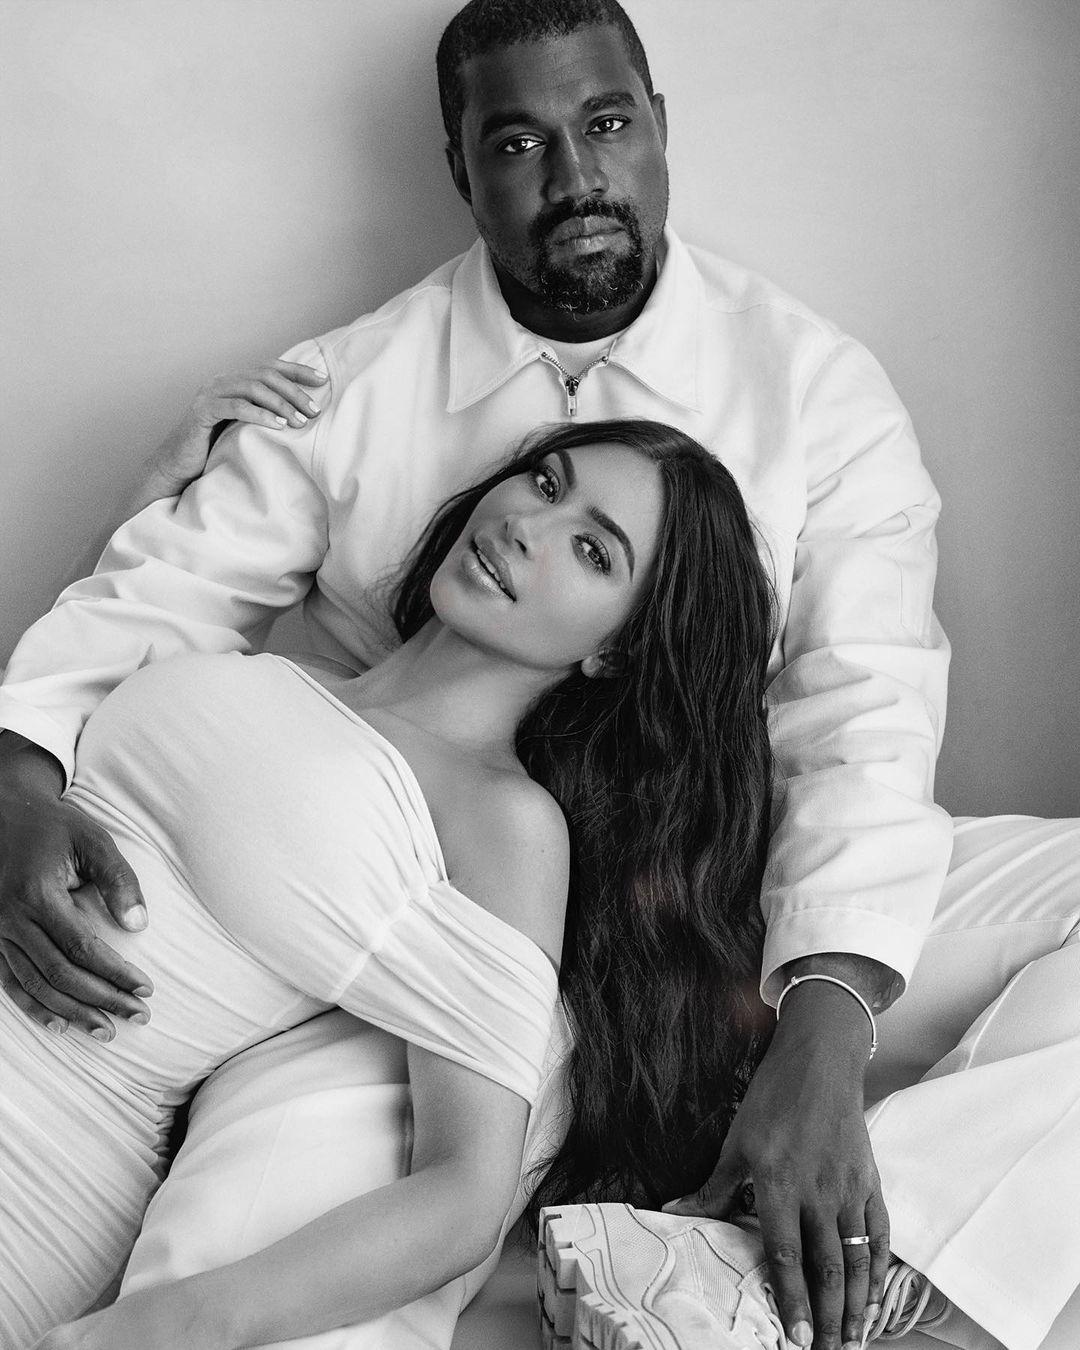 Nhà ngoại cảm nói mối quan hê của Kim Kardashian sẽ còn chông gai phía trước.